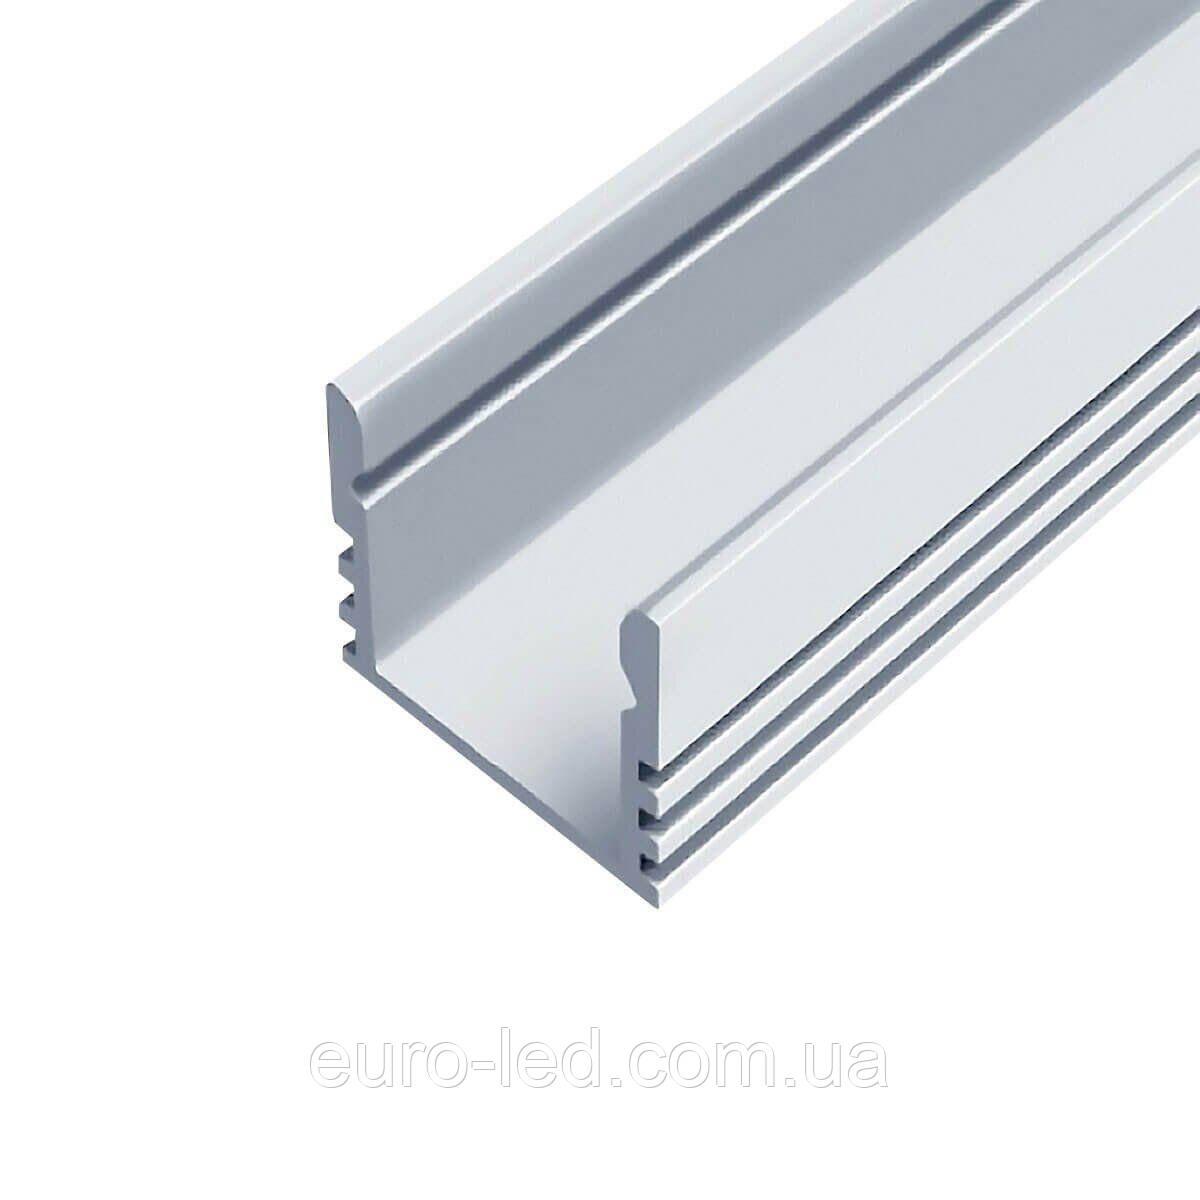 Профіль алюмінієвий анодований LED LP-12